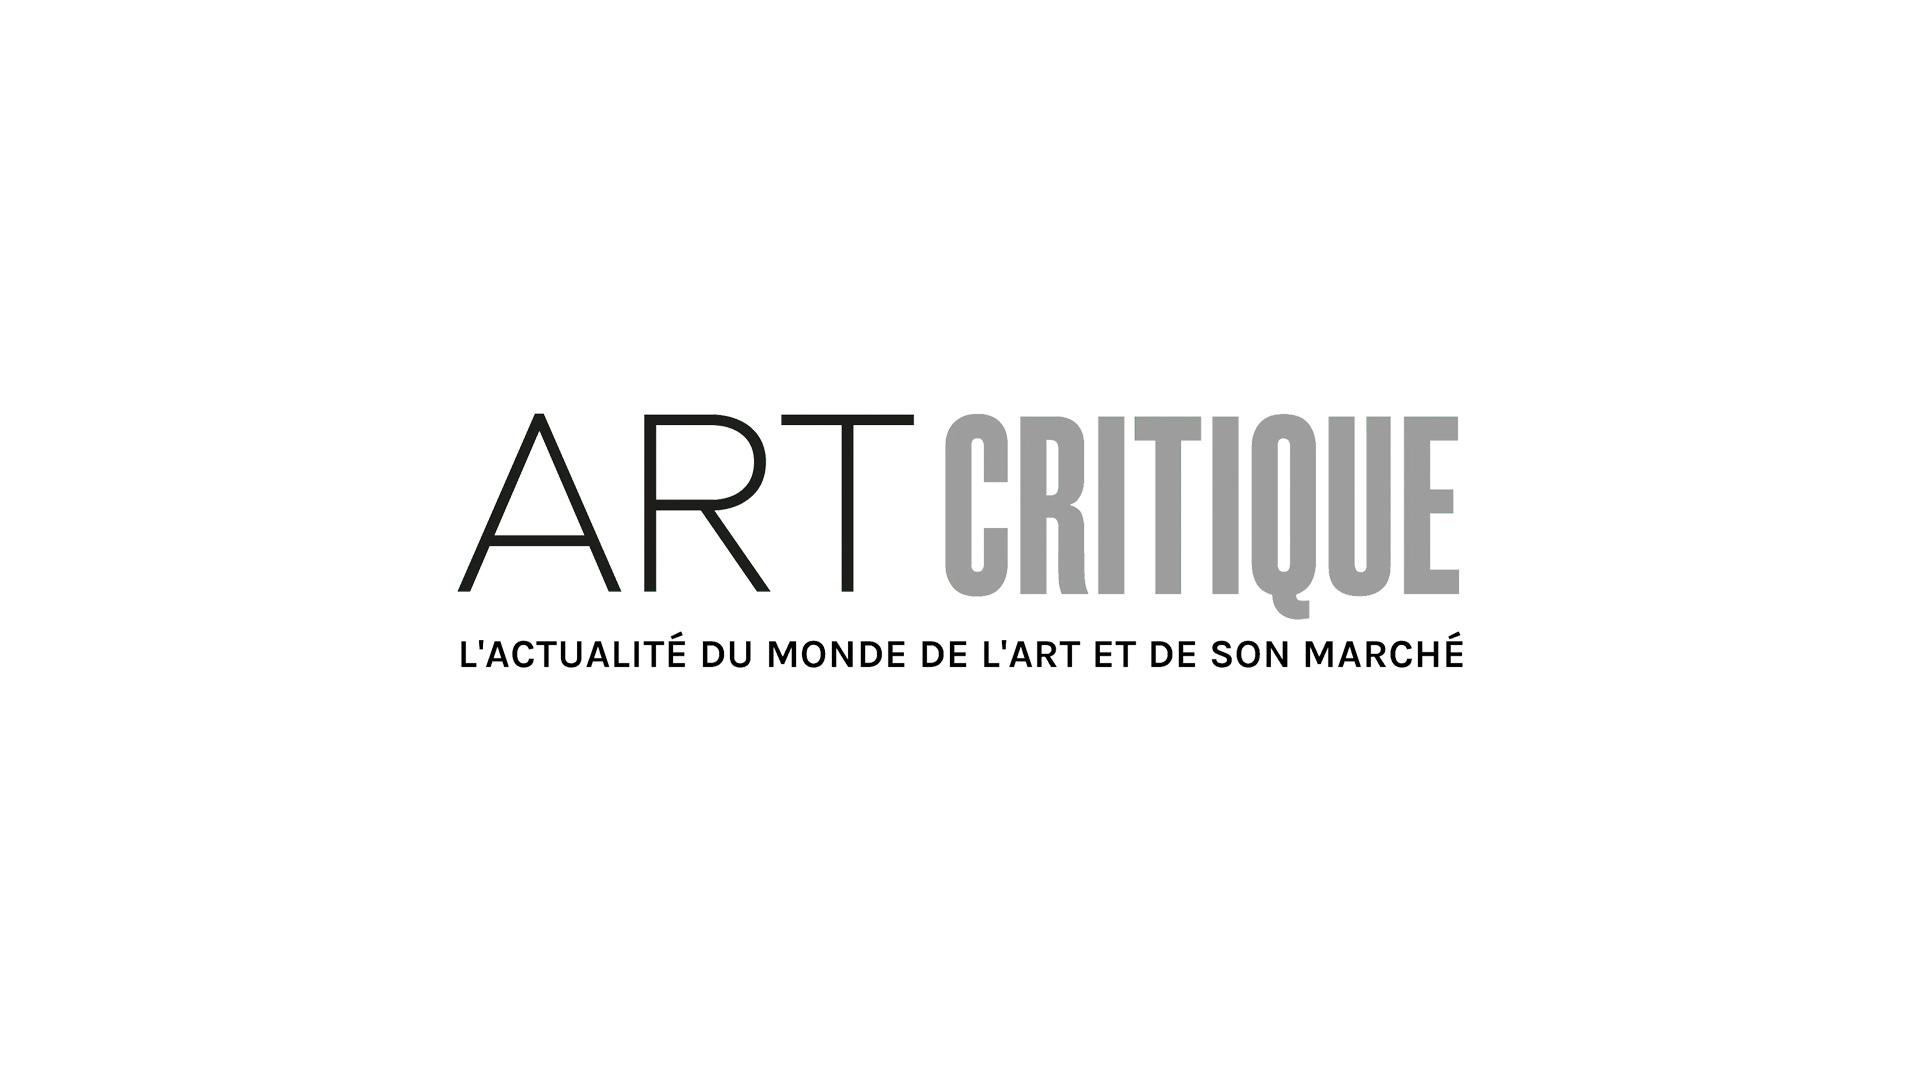 Les femmes peintres mises en avant au musée du Luxembourg